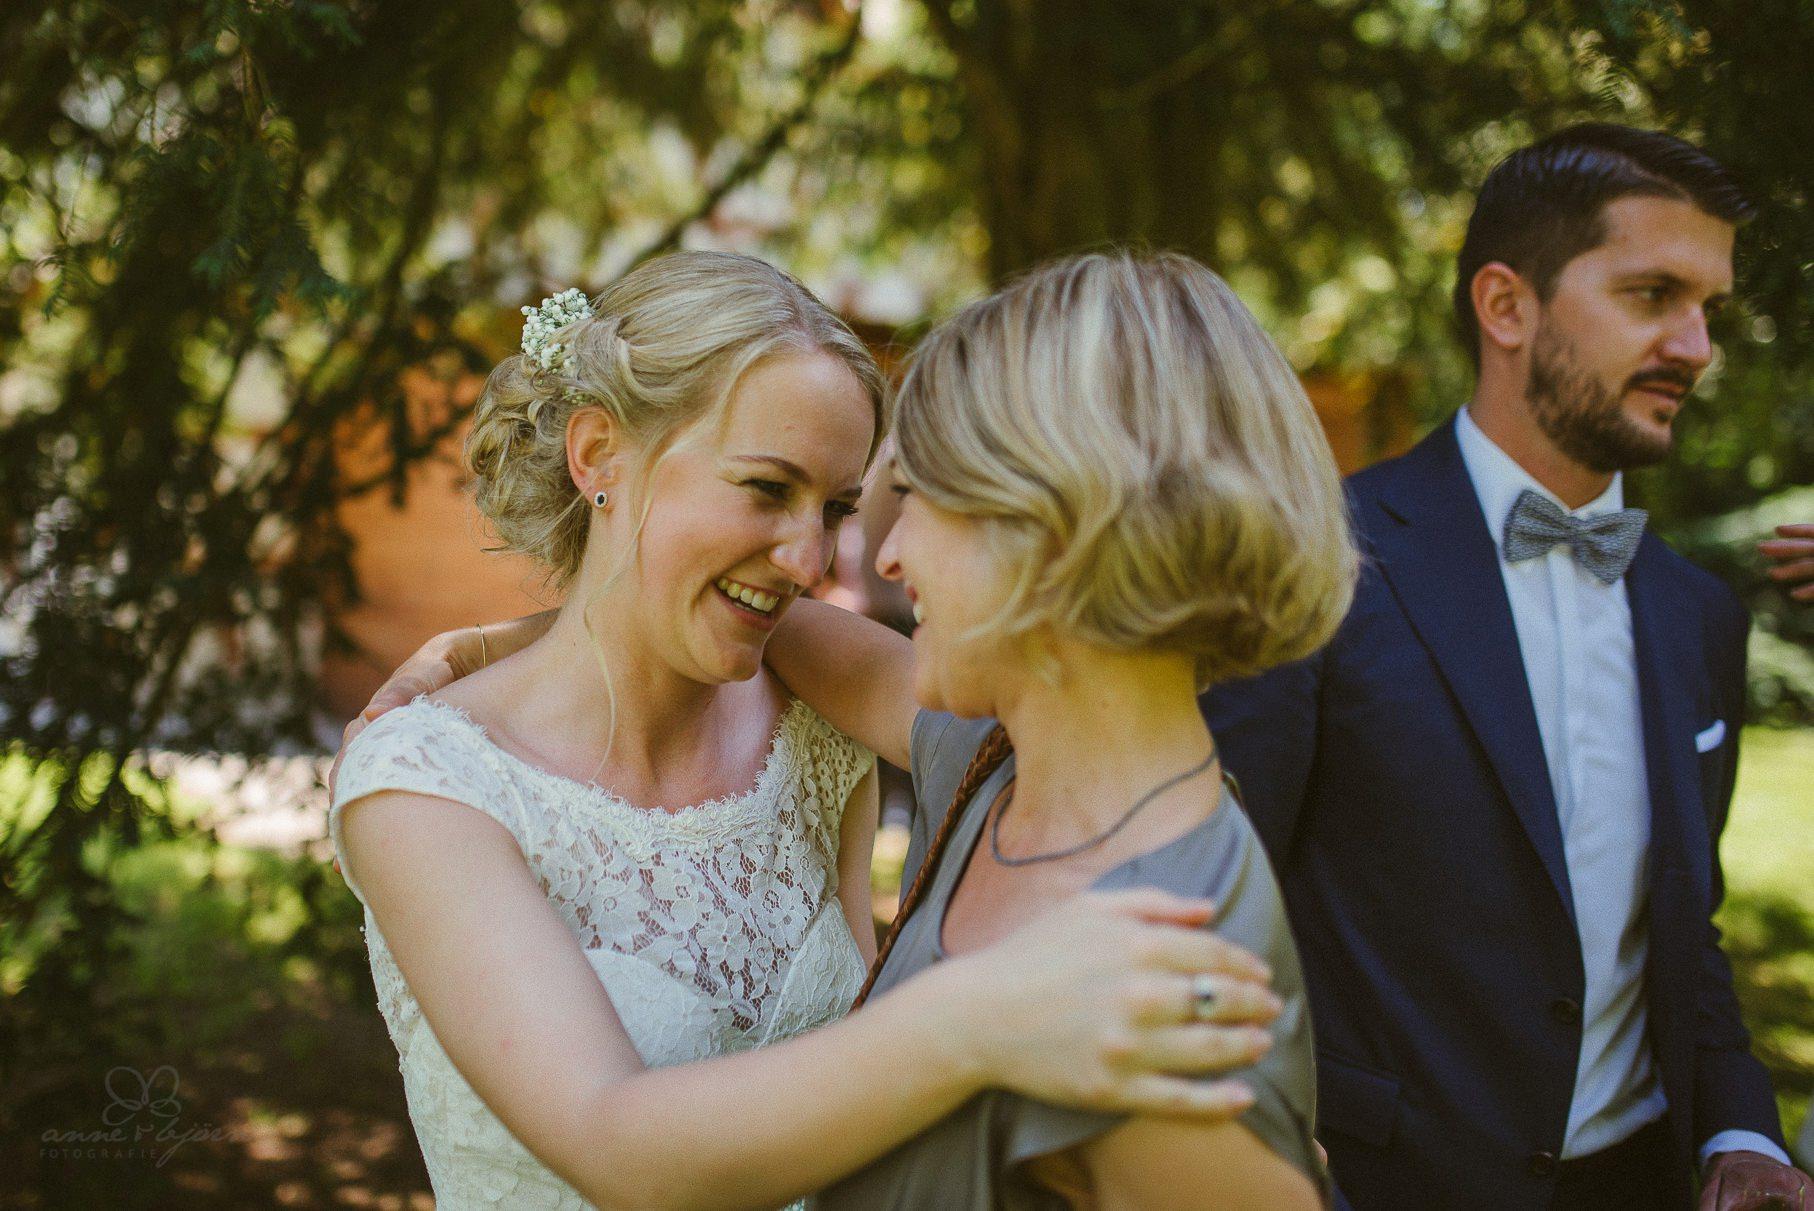 0066 anne und bjoern hochzeit schweiz d75 0376 - DIY Hochzeit in der Schweiz - Sabrina & Christoph